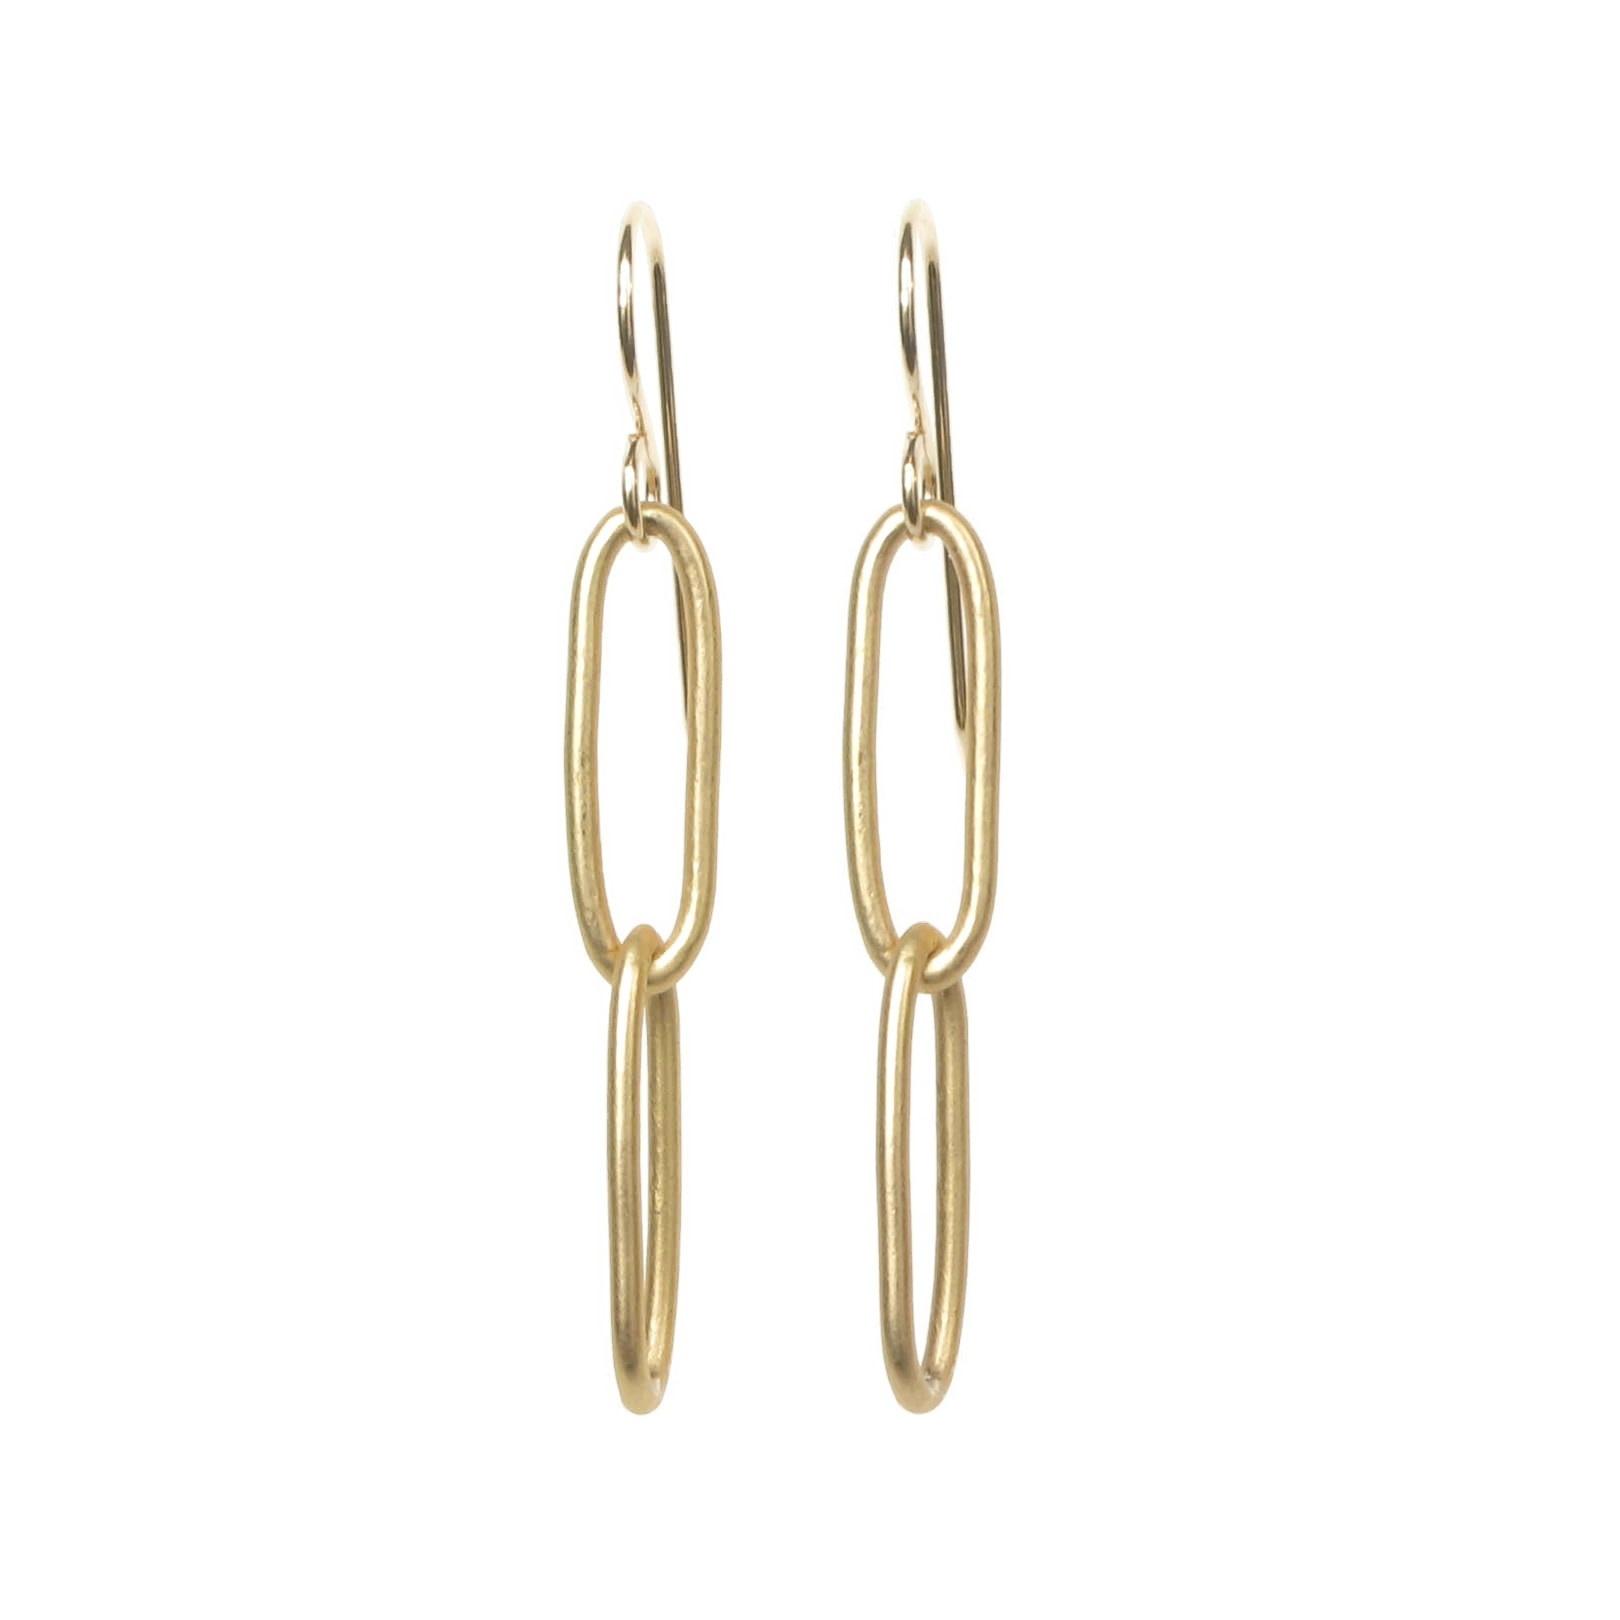 Paperclip Chain Earrings